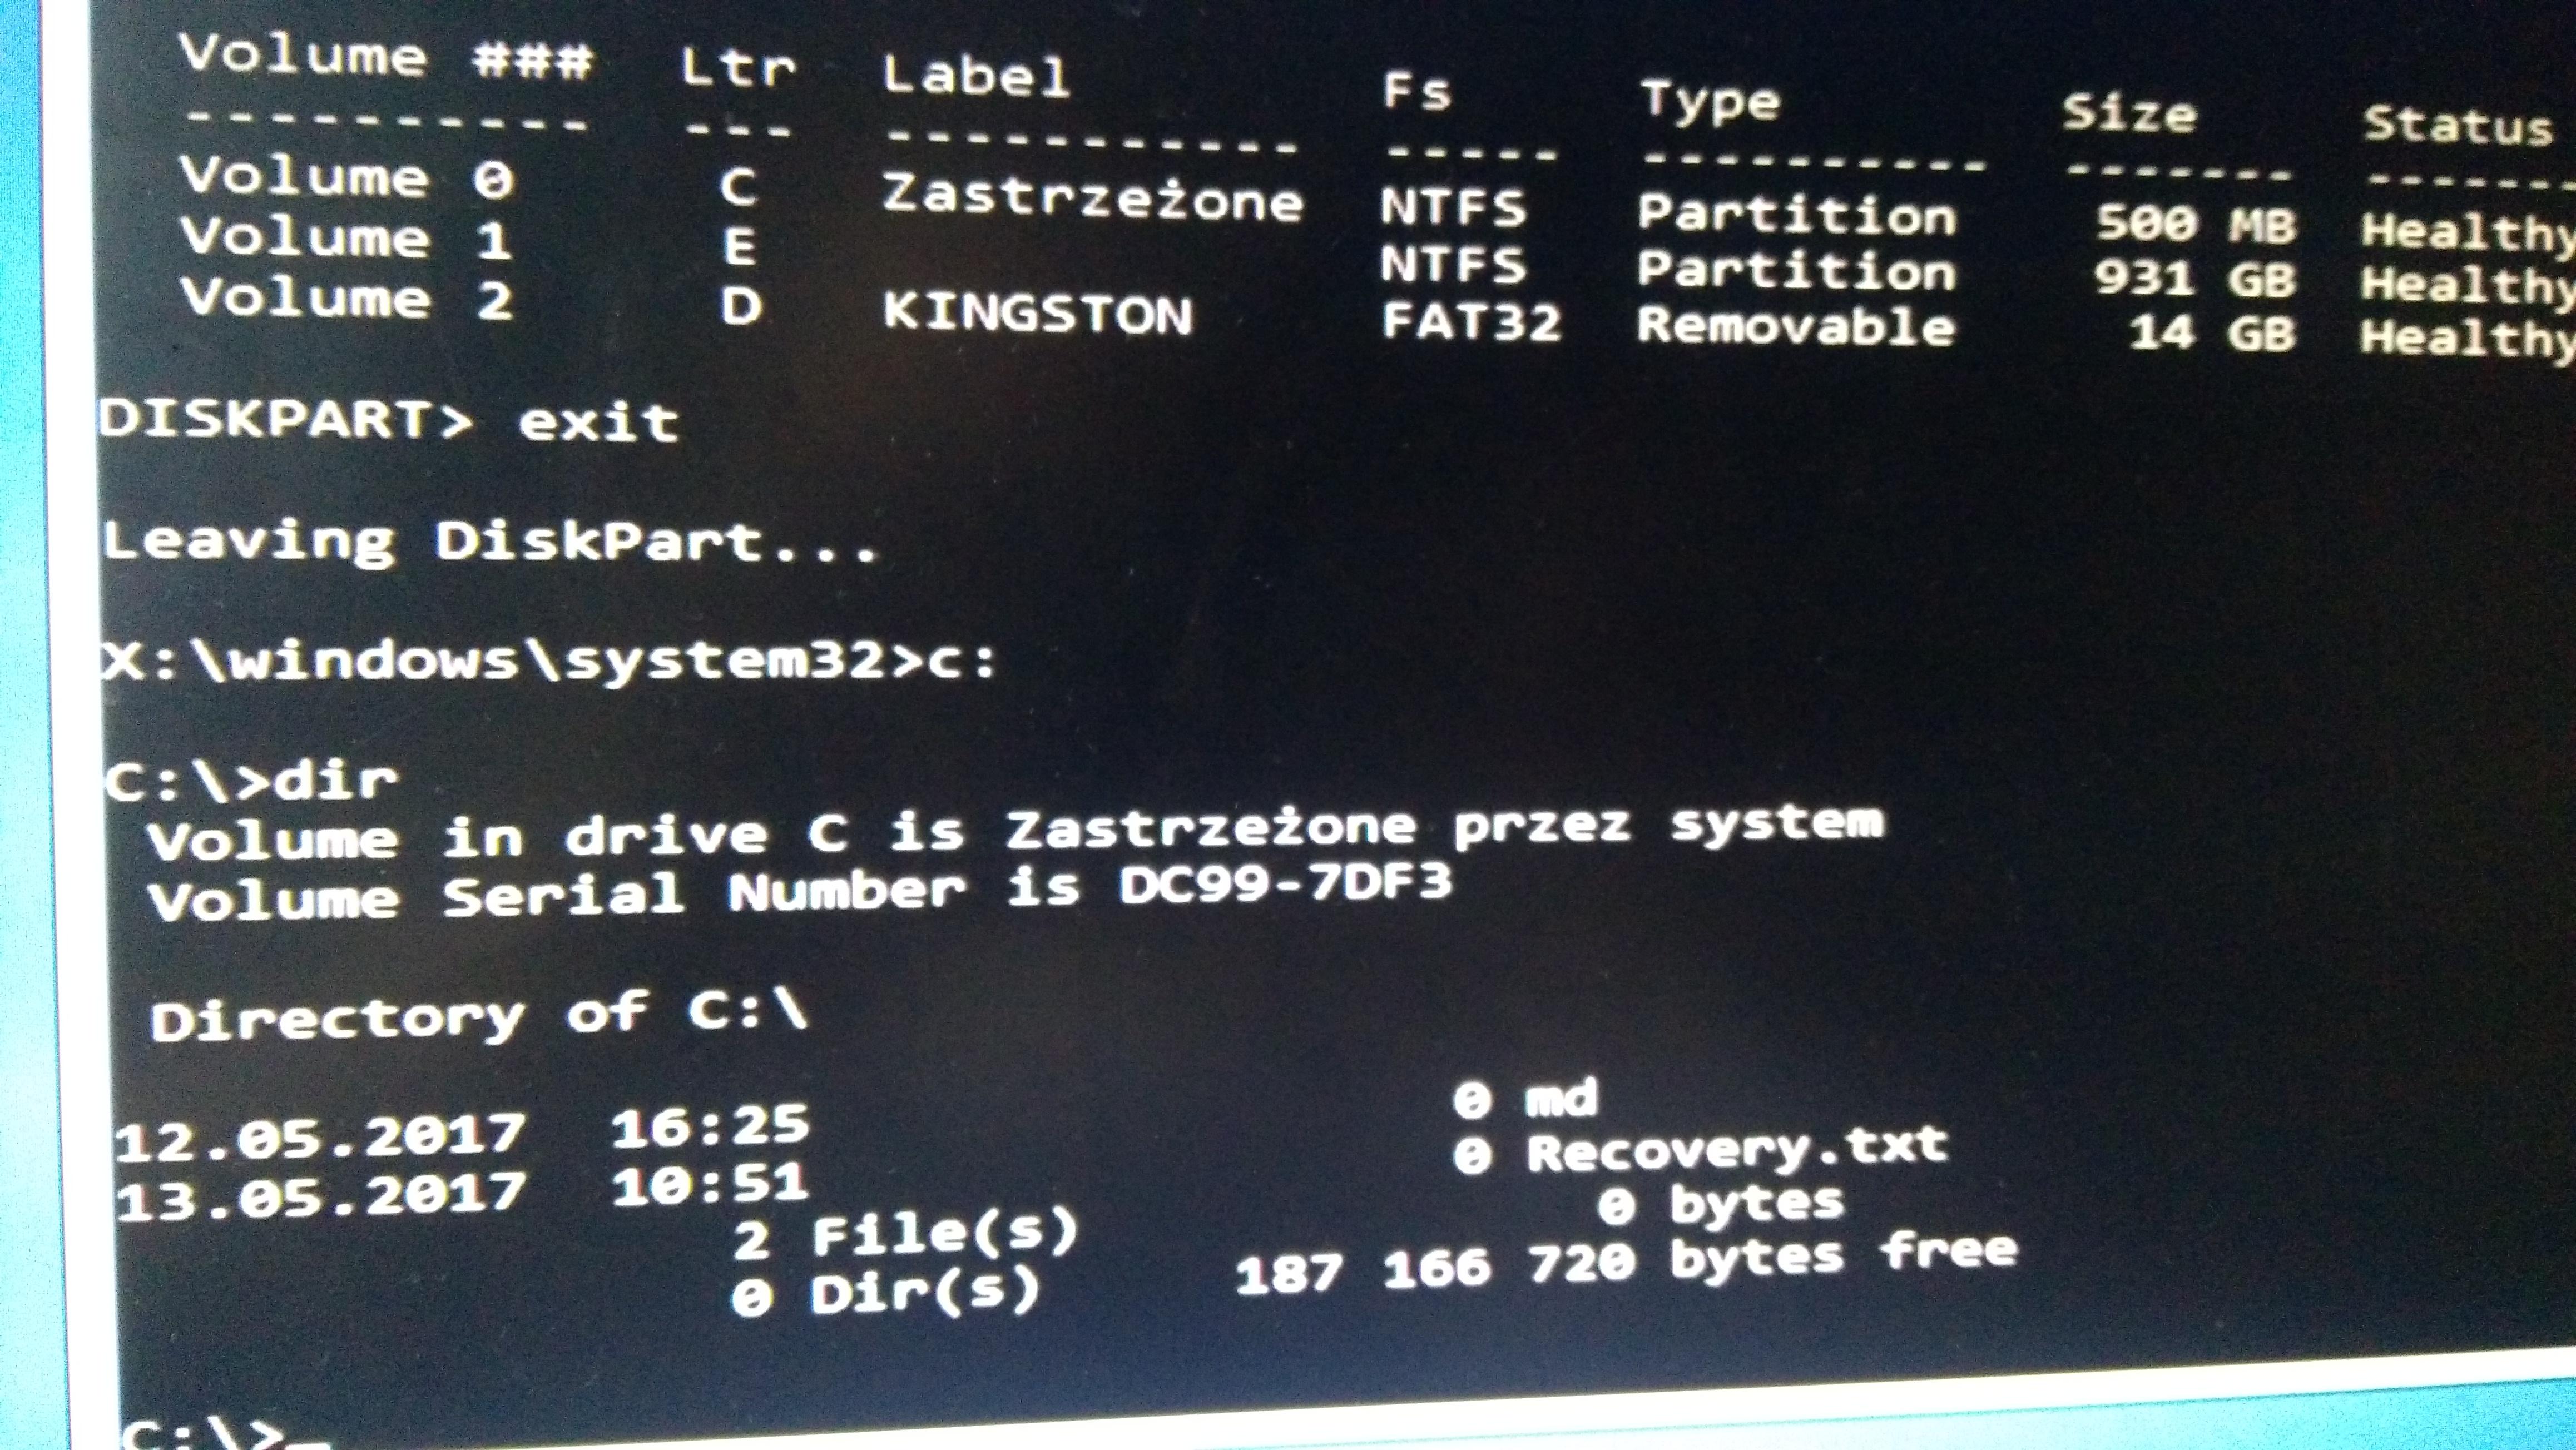 Windows 10 Podczas Automatycznej Naprawy Wyskakuje Błąd I